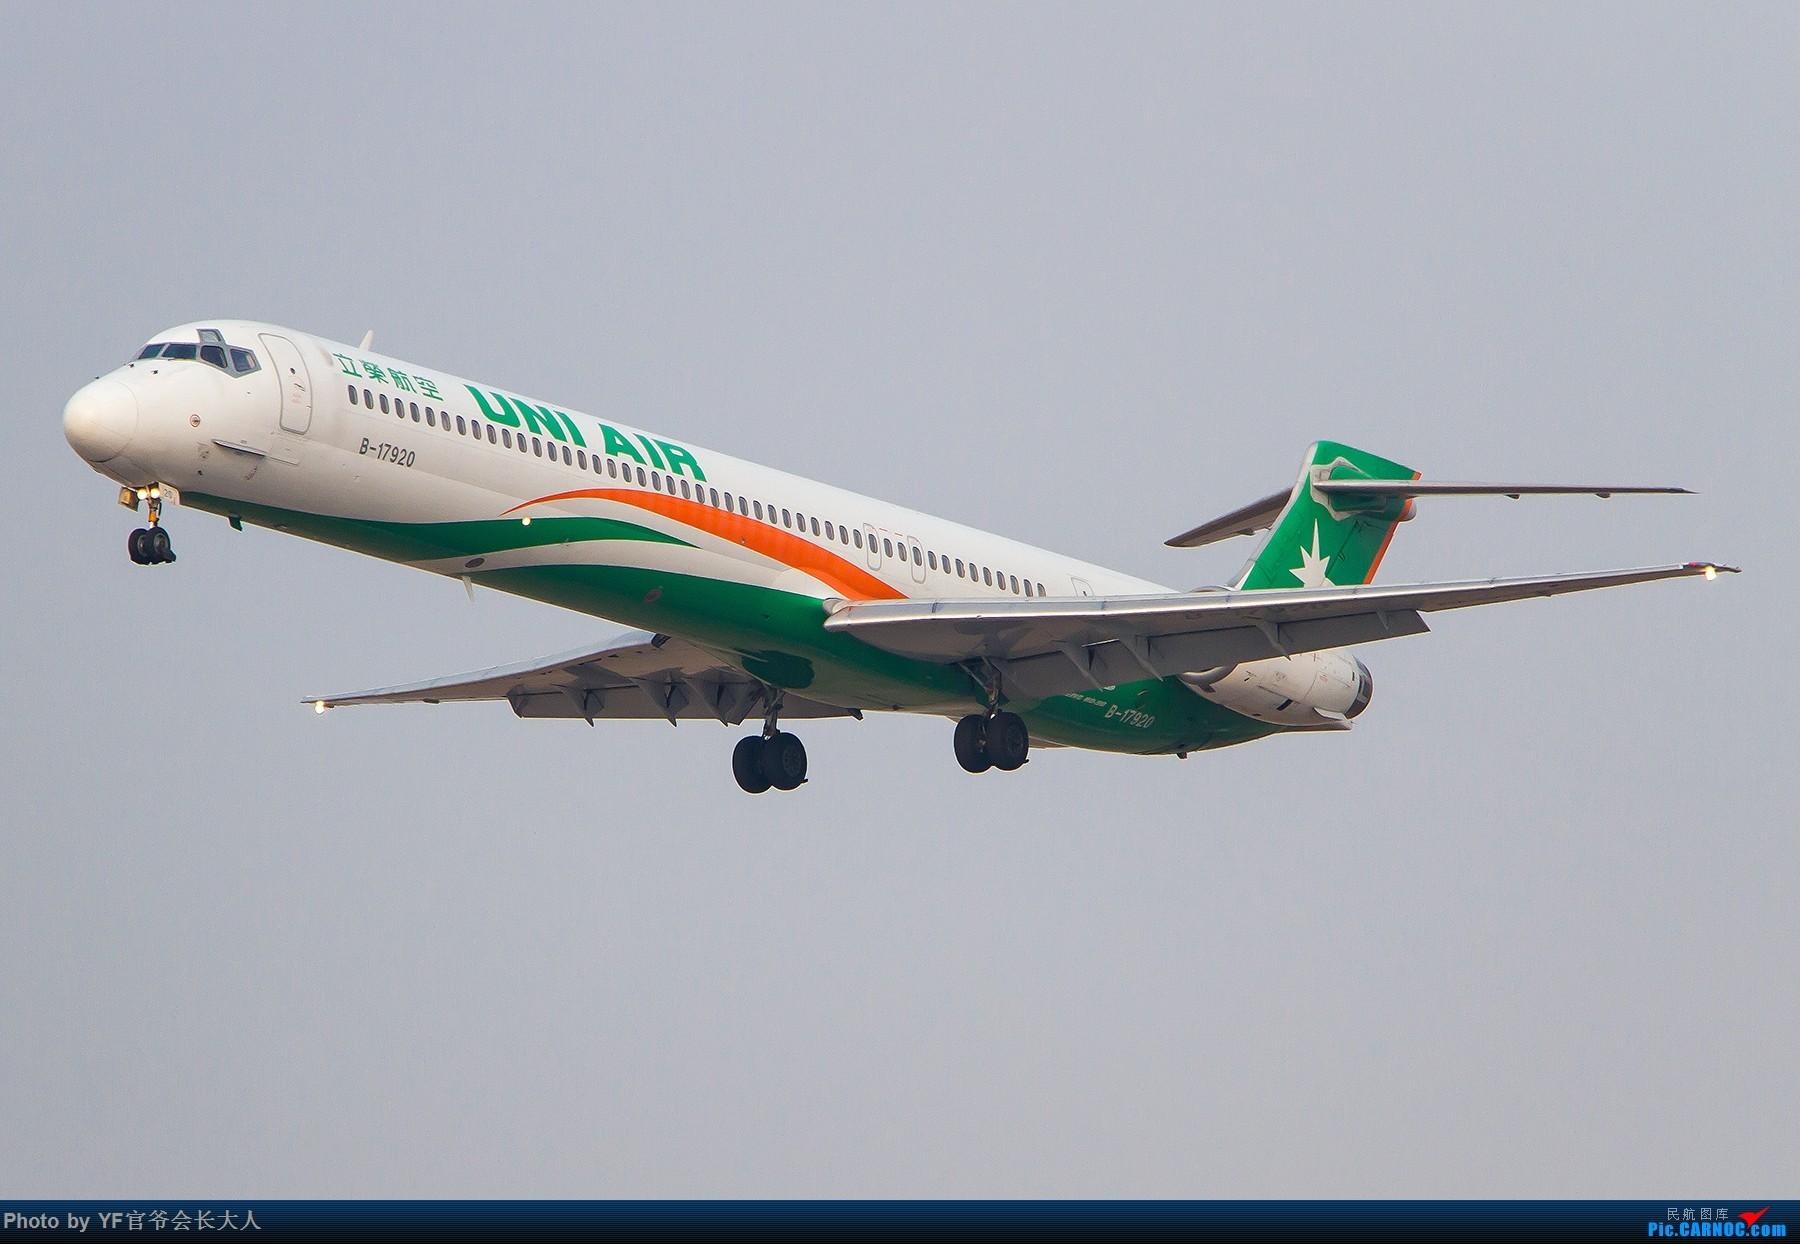 [原创]【ZYTX】冬天不适合拍机 MD MD-90-30 B-17920 中国沈阳桃仙国际机场